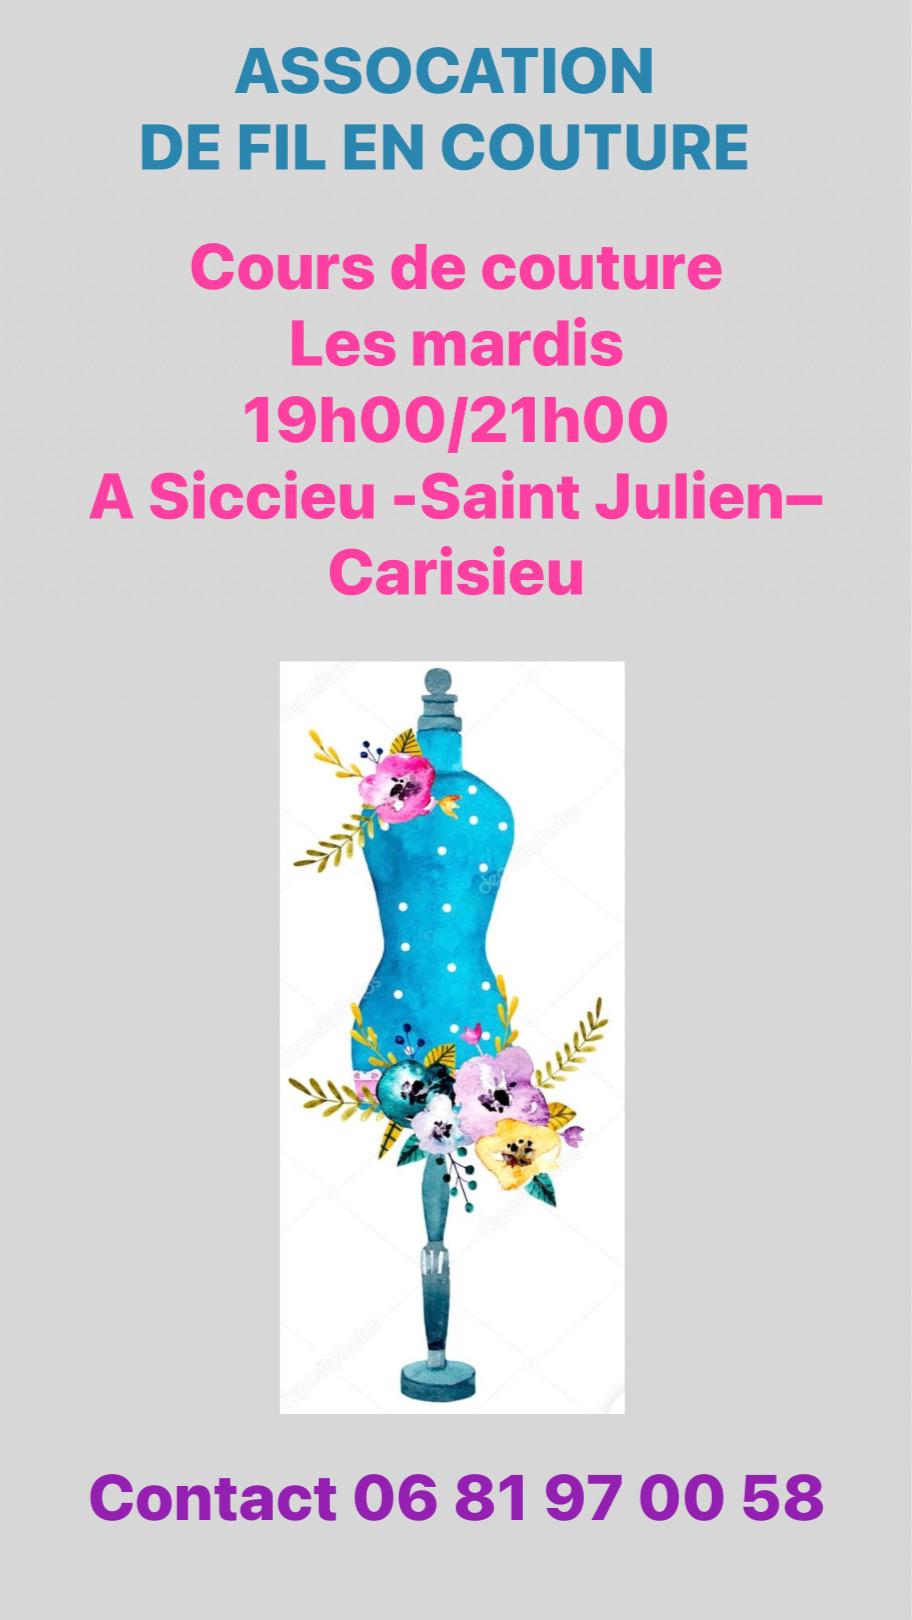 couture nouveau ssjc sept21.JPG